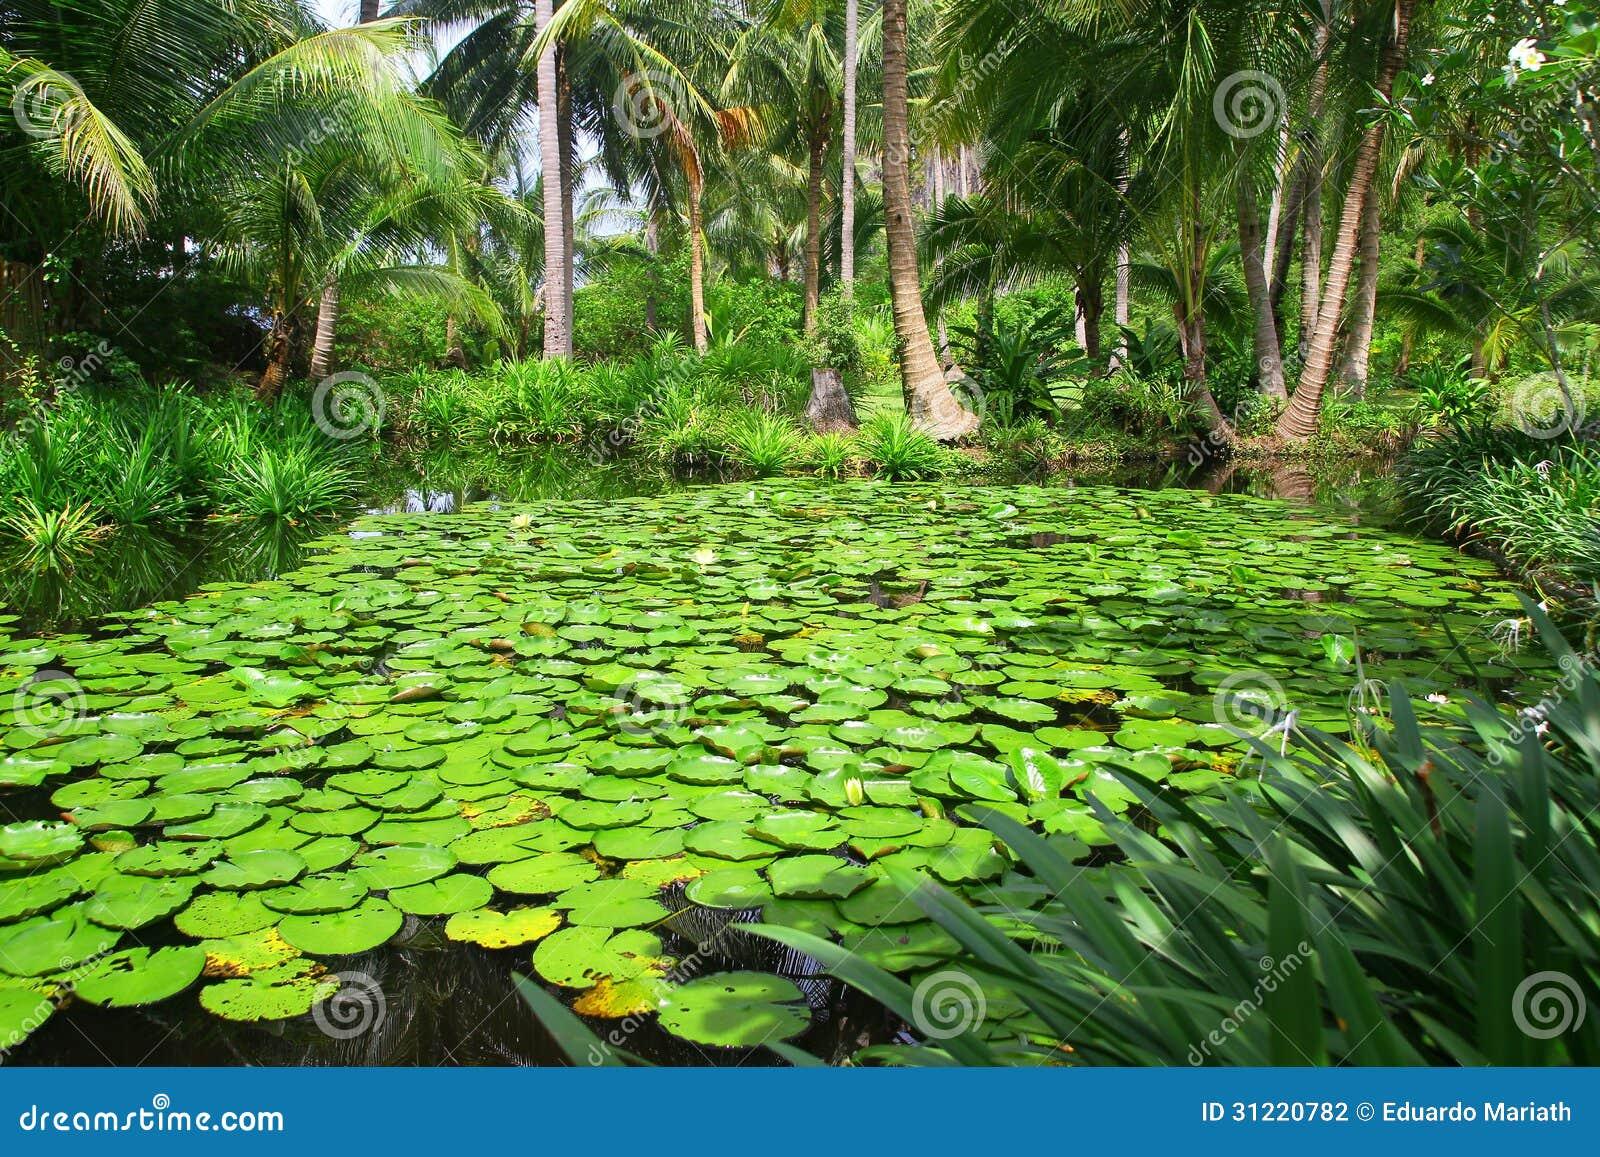 fotos de jardim tropical : fotos de jardim tropical:Jardim tropical asiático com lago pequeno e Lily Pads